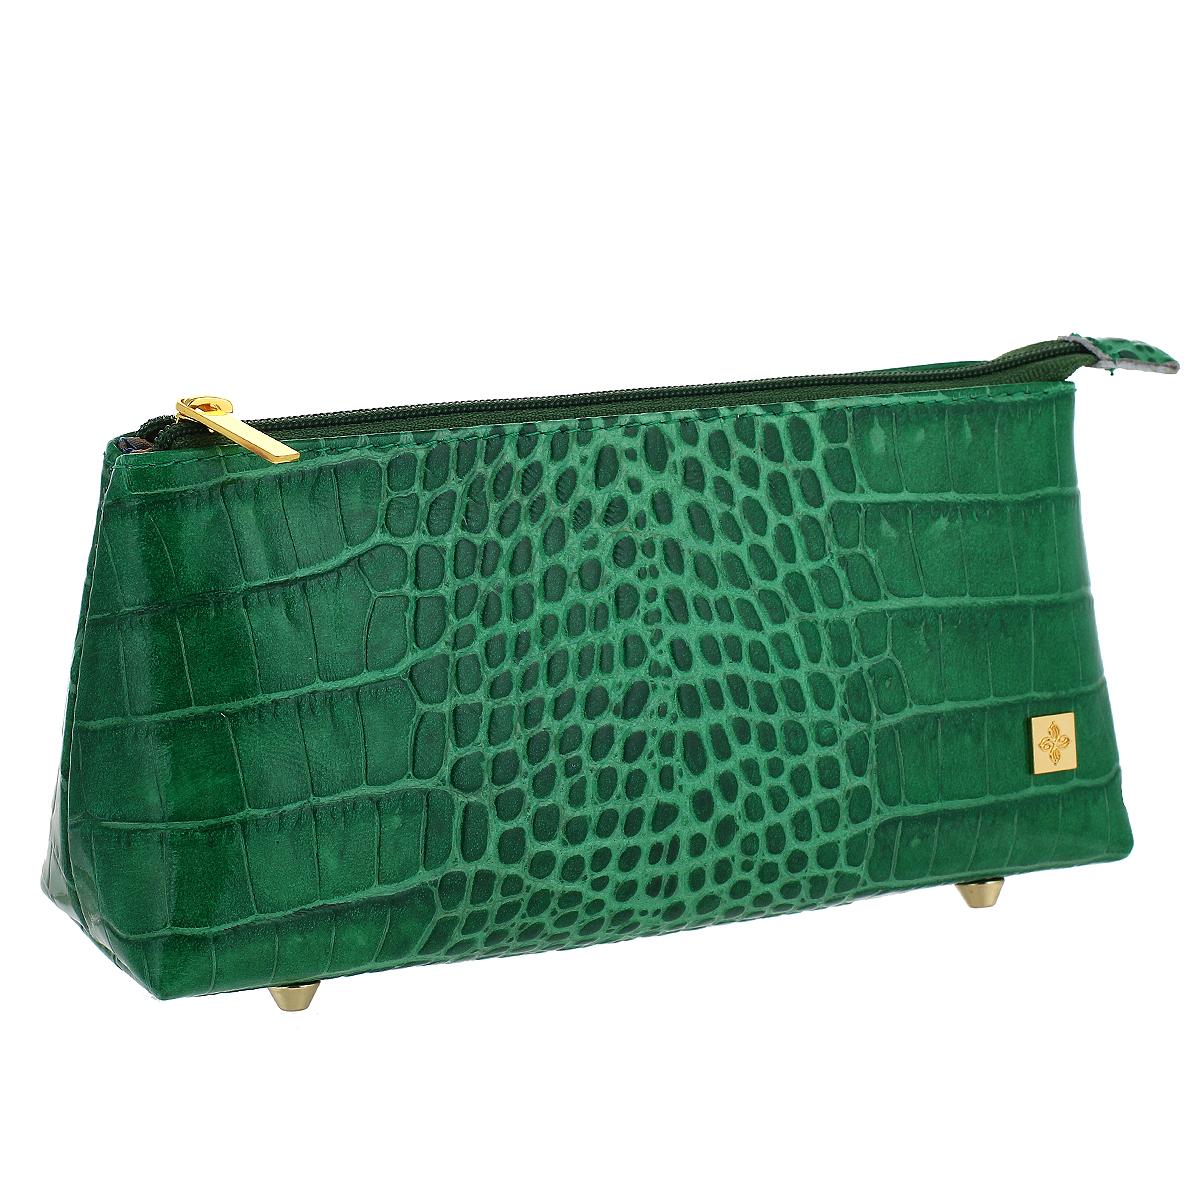 Косметичка Dimanche Казино, цвет: зеленый. 707707Косметичка Dimanche Казино изготовлена из высококачественной натуральной кожи с декоративным тиснением под рептилию. Внутренняя поверхность отделена шелковистым текстилем. Закрывается на застежку-молнию. На дне расположены четыре металлические ножки. Фурнитура - золотистого цвета. Косметичка Dimanche - яркий стильный аксессуар, который дополнит ваш образ и станет незаменимой вещью для хранения косметики. Благодаря компактным размерам косметичка поместится в любую сумочку.